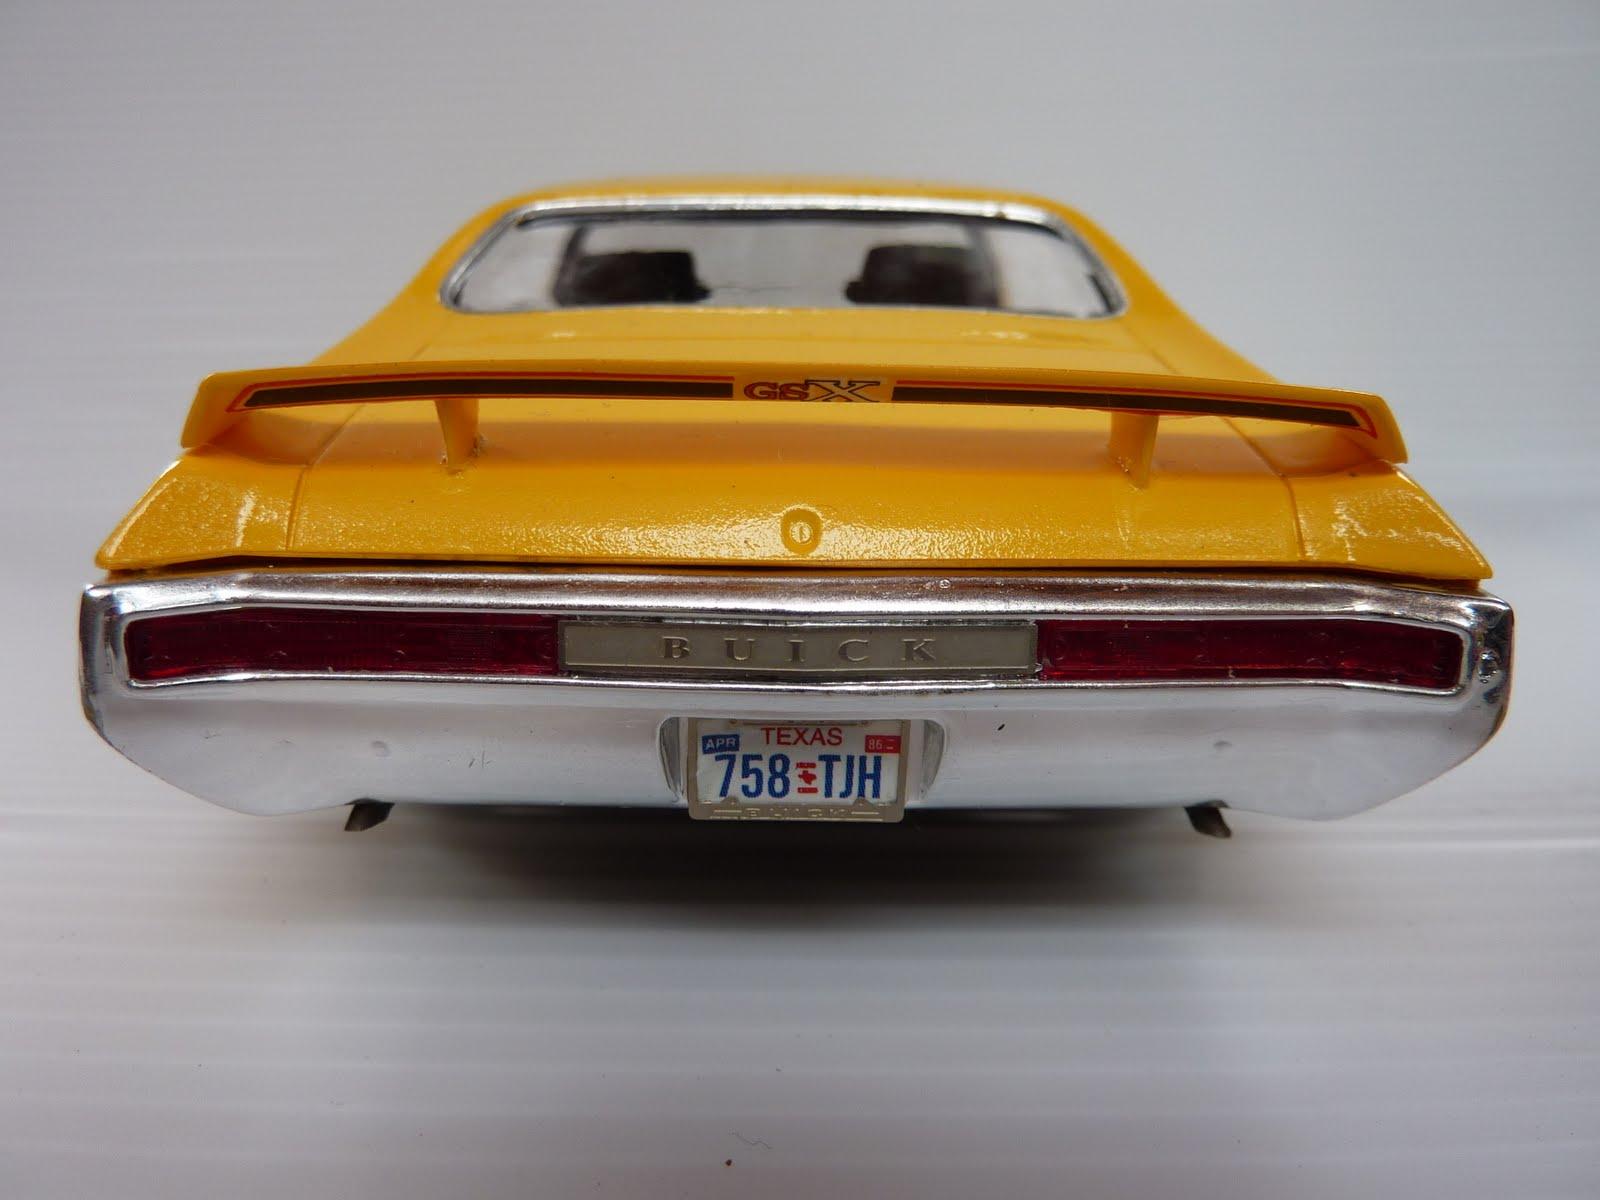 scale dreams: The 1970 Scale Dream Buick GSX